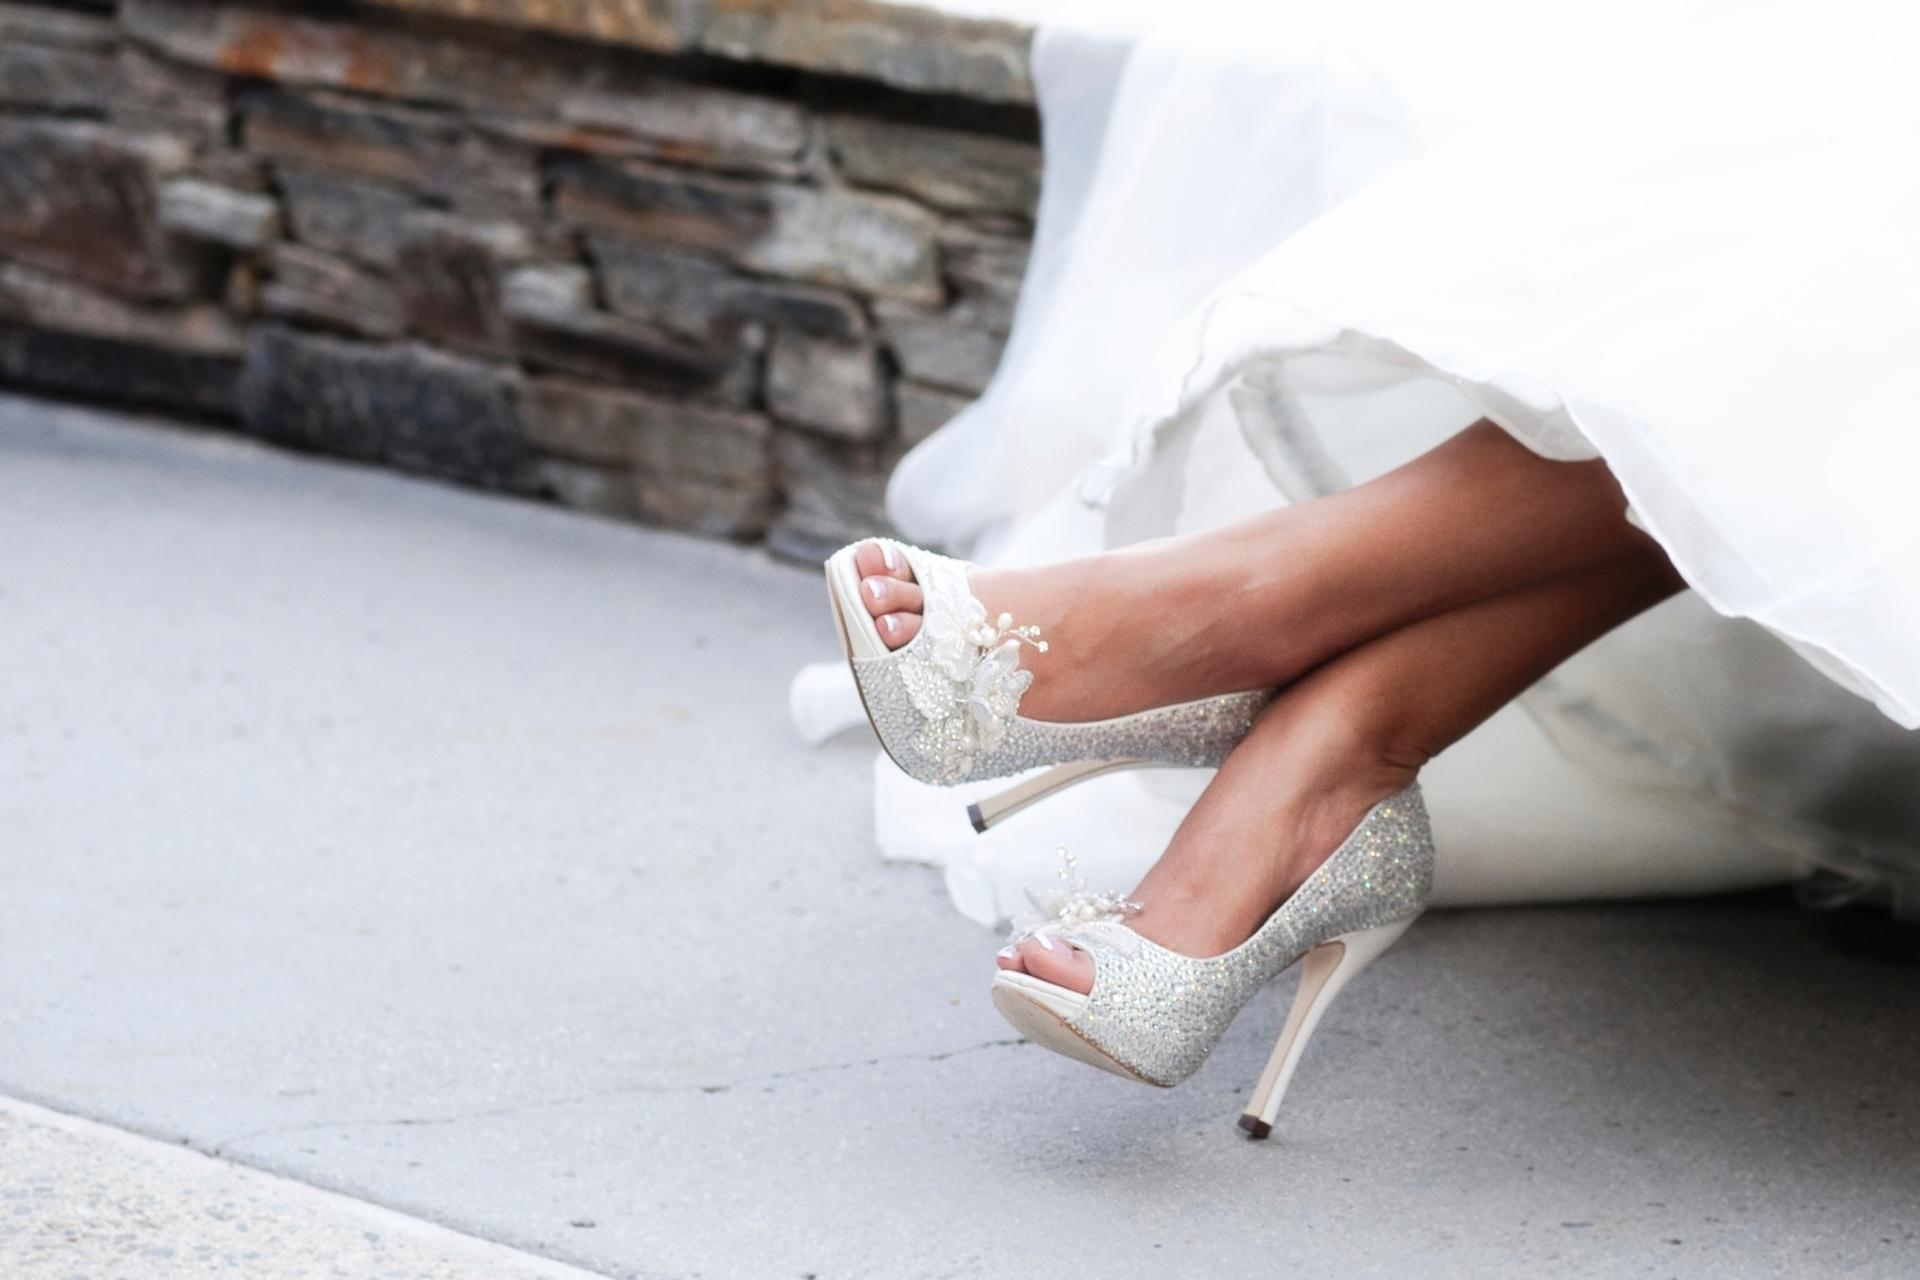 08855df746 Estilistas ensinam truques para deixar sapato da noiva mais confortável -  25 10 2013 - UOL Universa